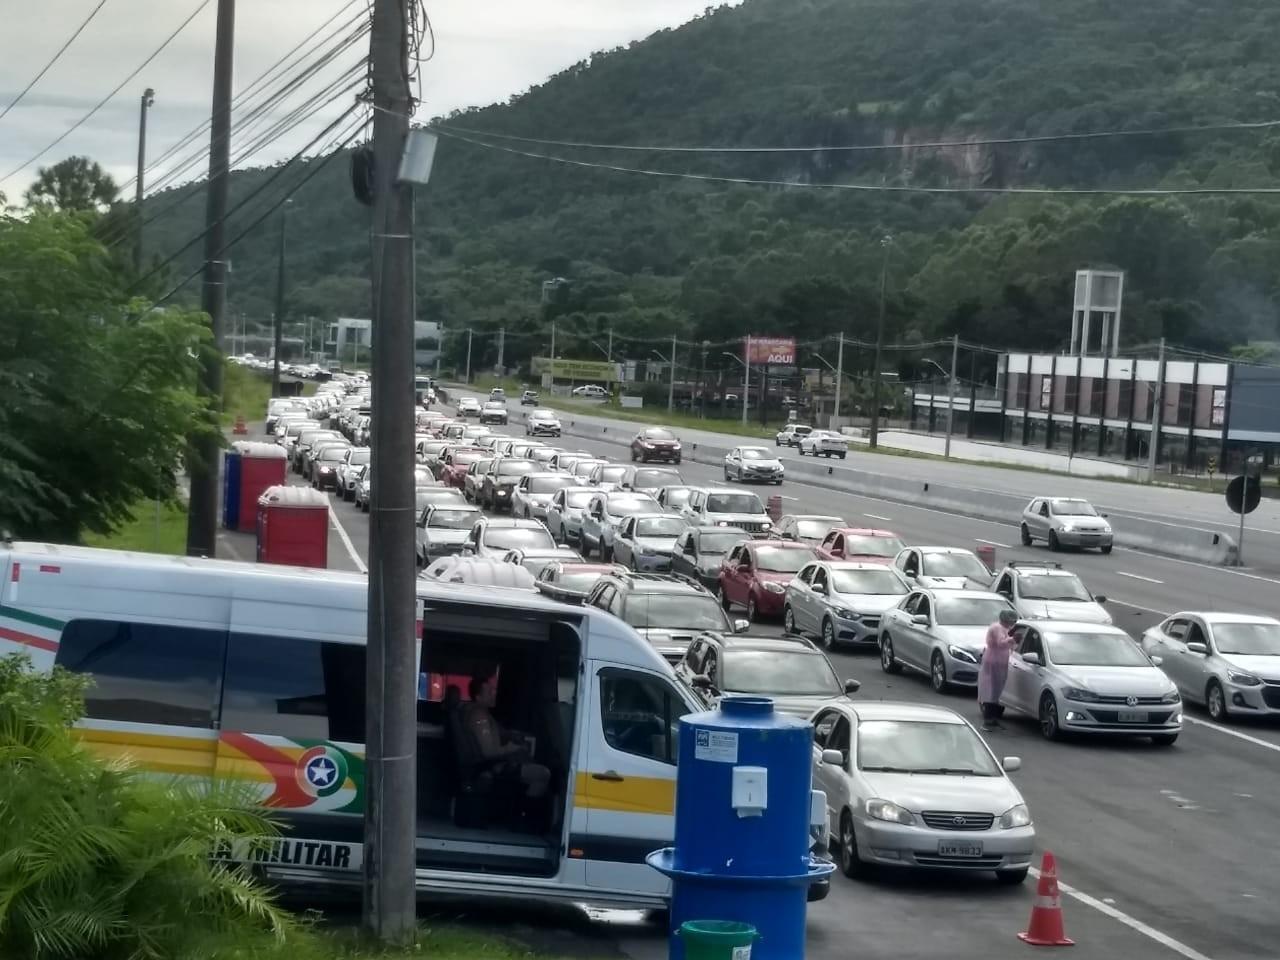 Pontos de vacinação contra a Covid-19 em Florianópolis têm filas de espera nesta sexta-feira